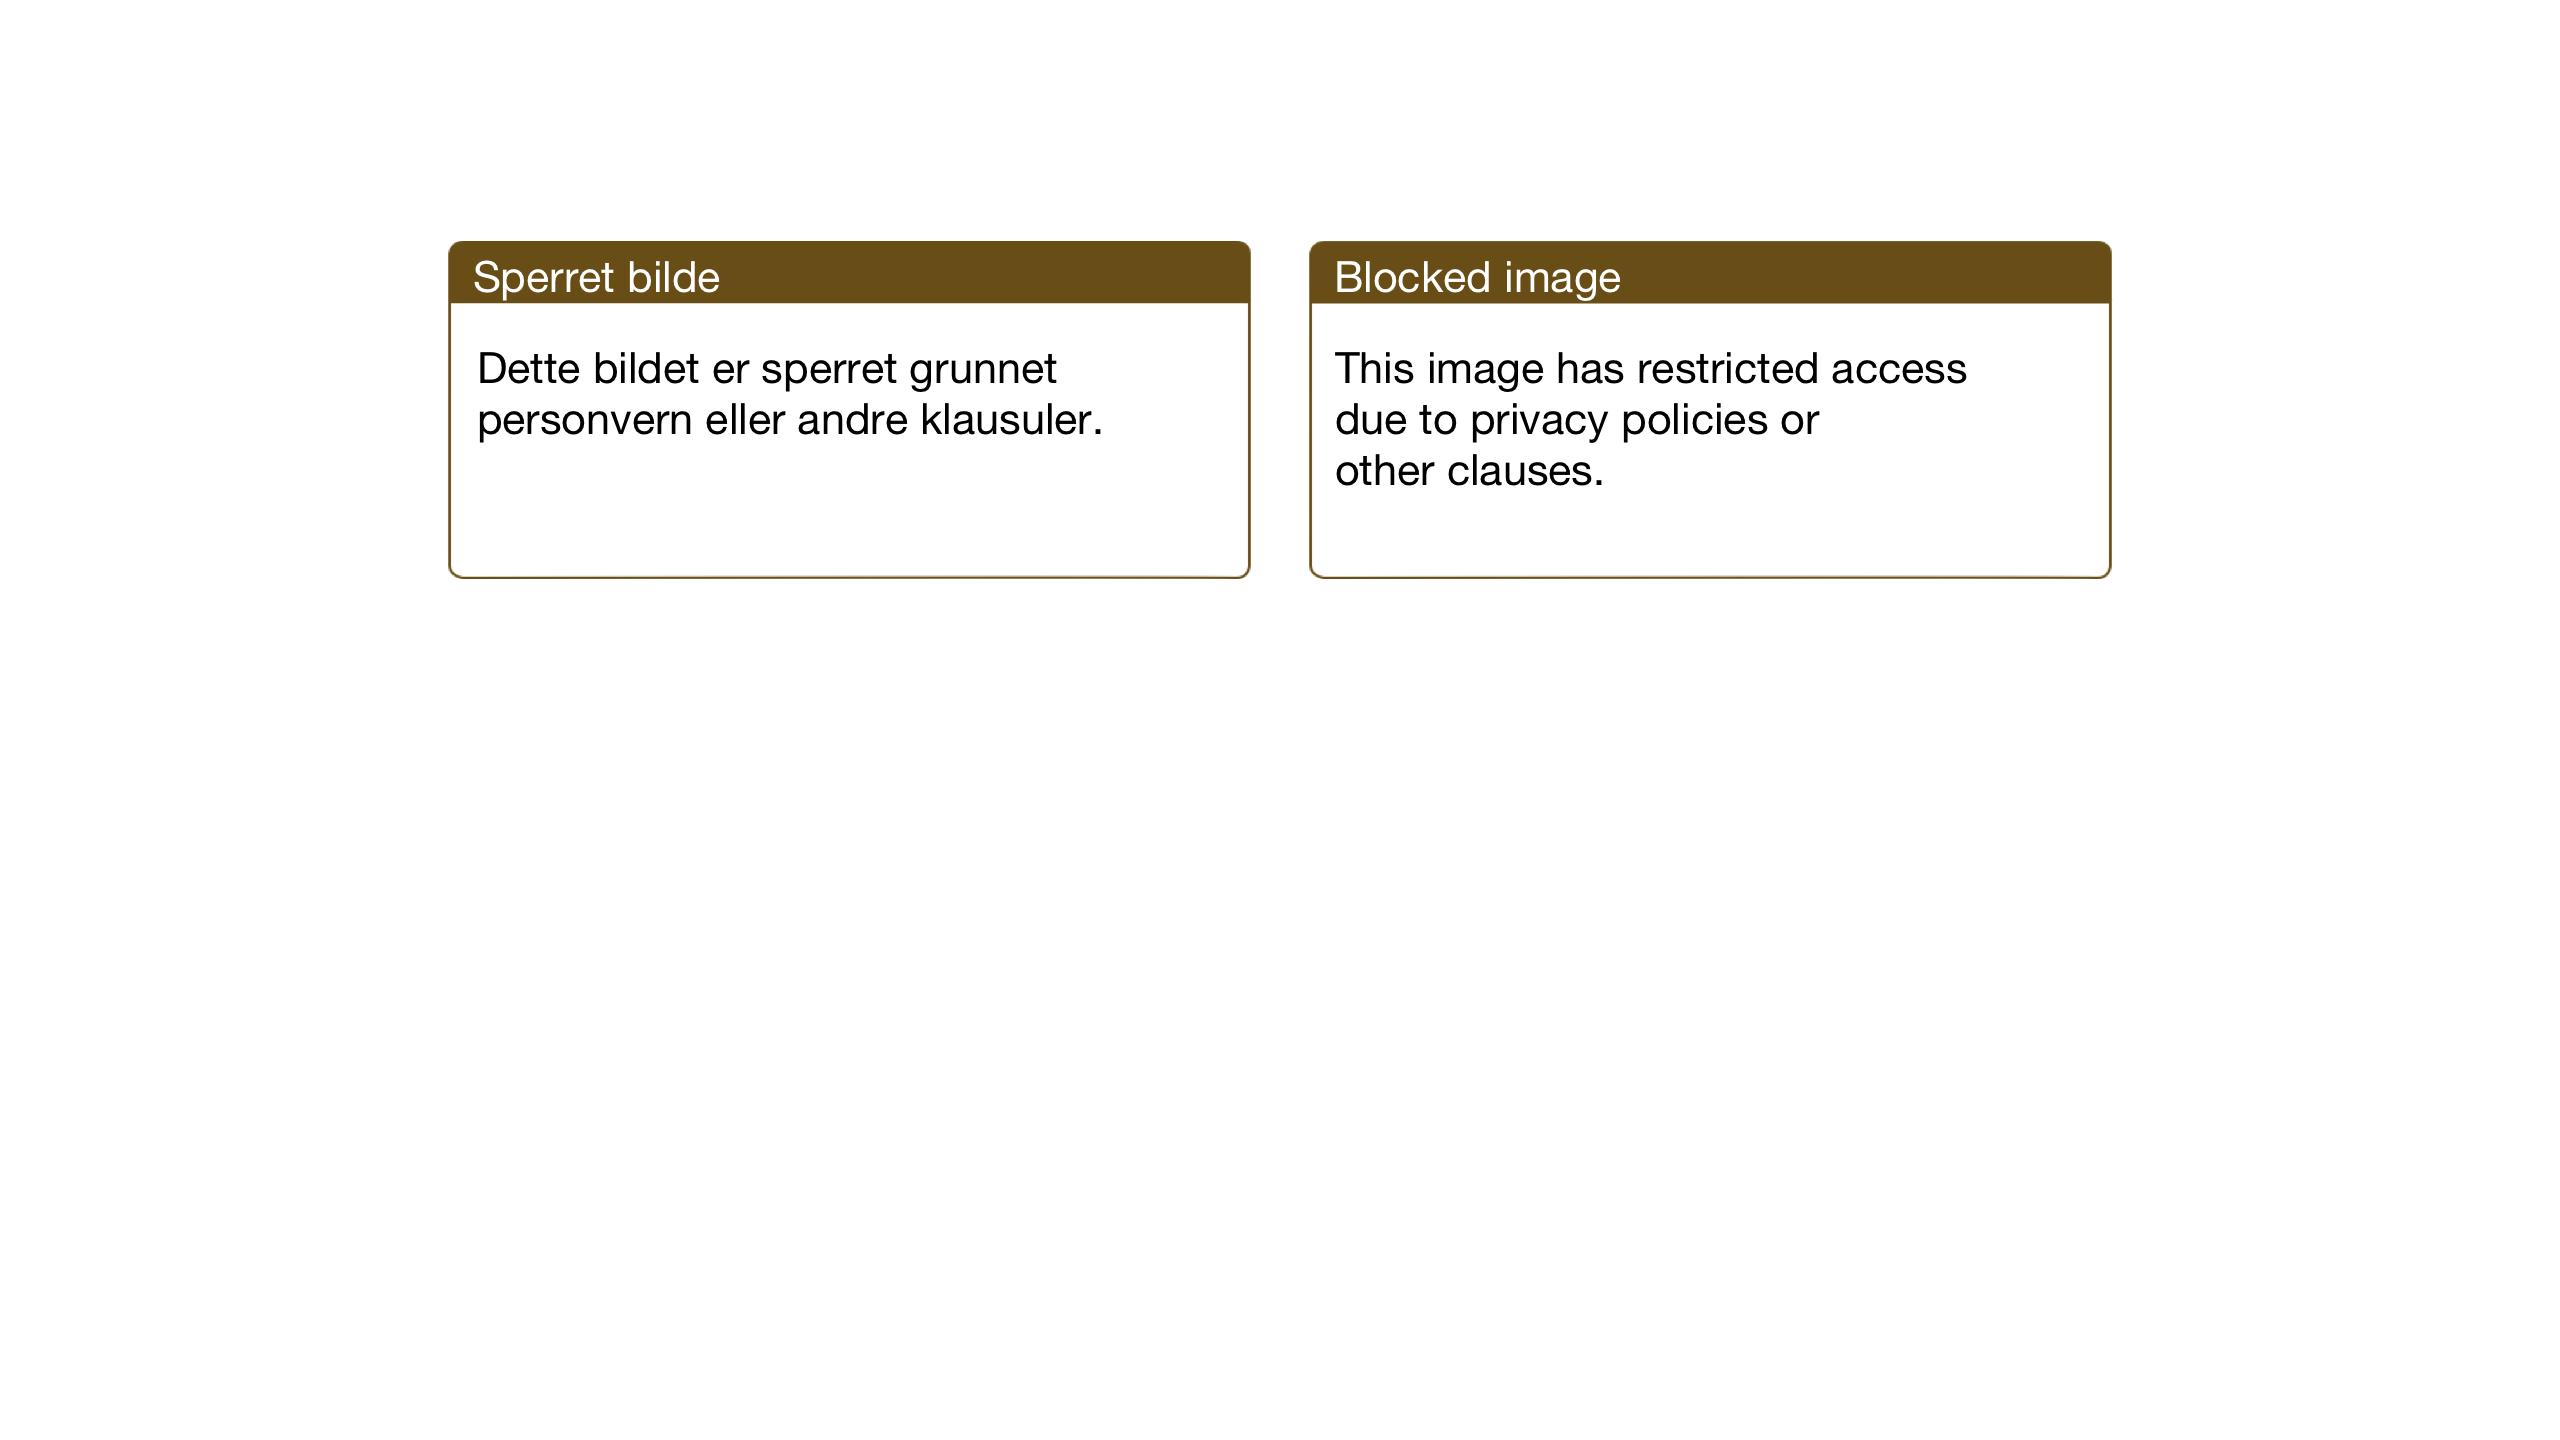 SAT, Ministerialprotokoller, klokkerbøker og fødselsregistre - Sør-Trøndelag, 690/L1053: Klokkerbok nr. 690C03, 1930-1947, s. 8